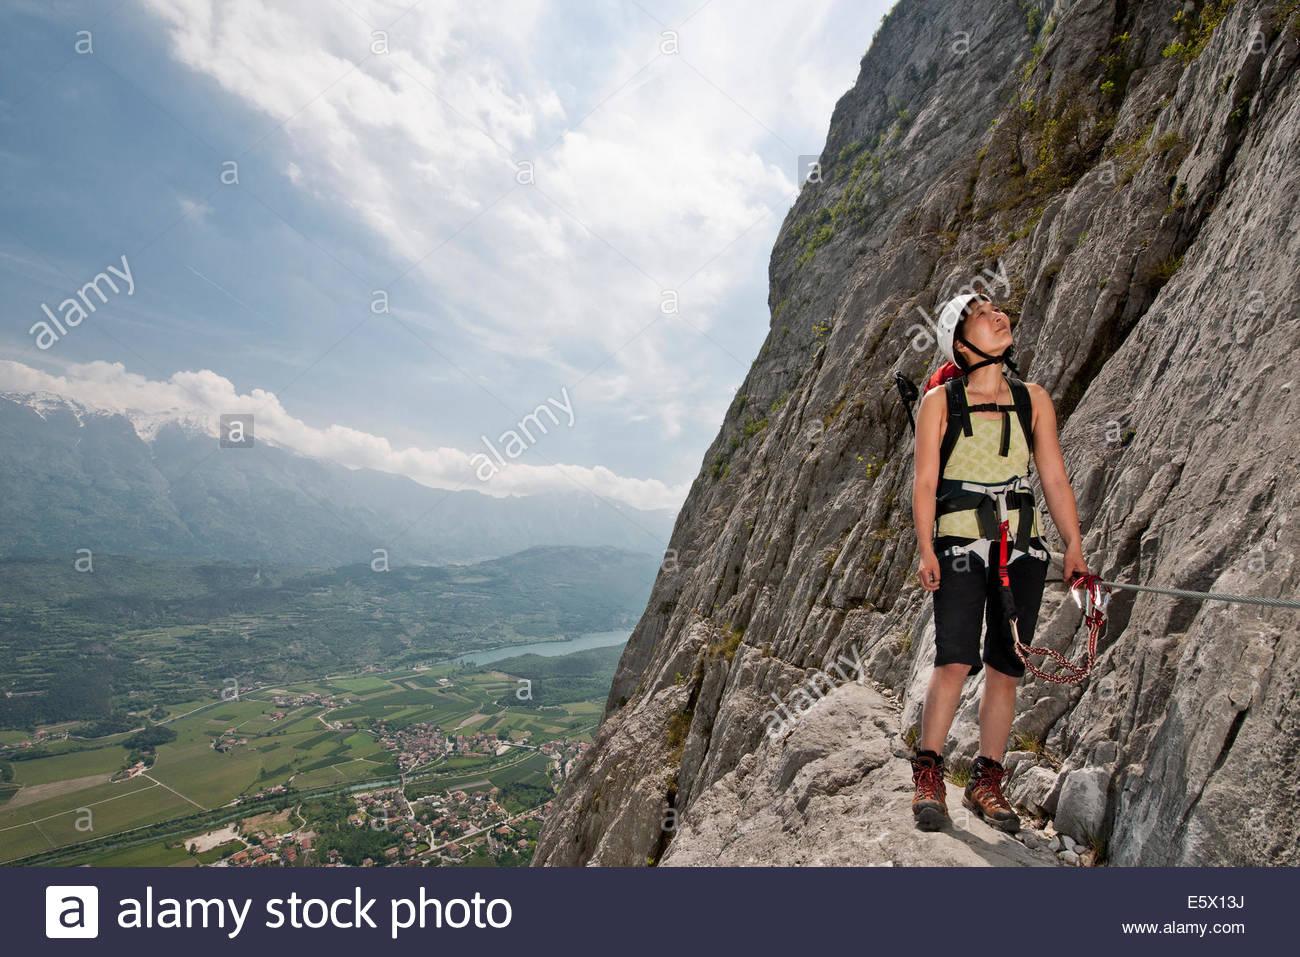 Weibliche Kletterer blickte auf die via Ferrata Che Guevara, Monte Casale, Trentino, Italien Stockbild